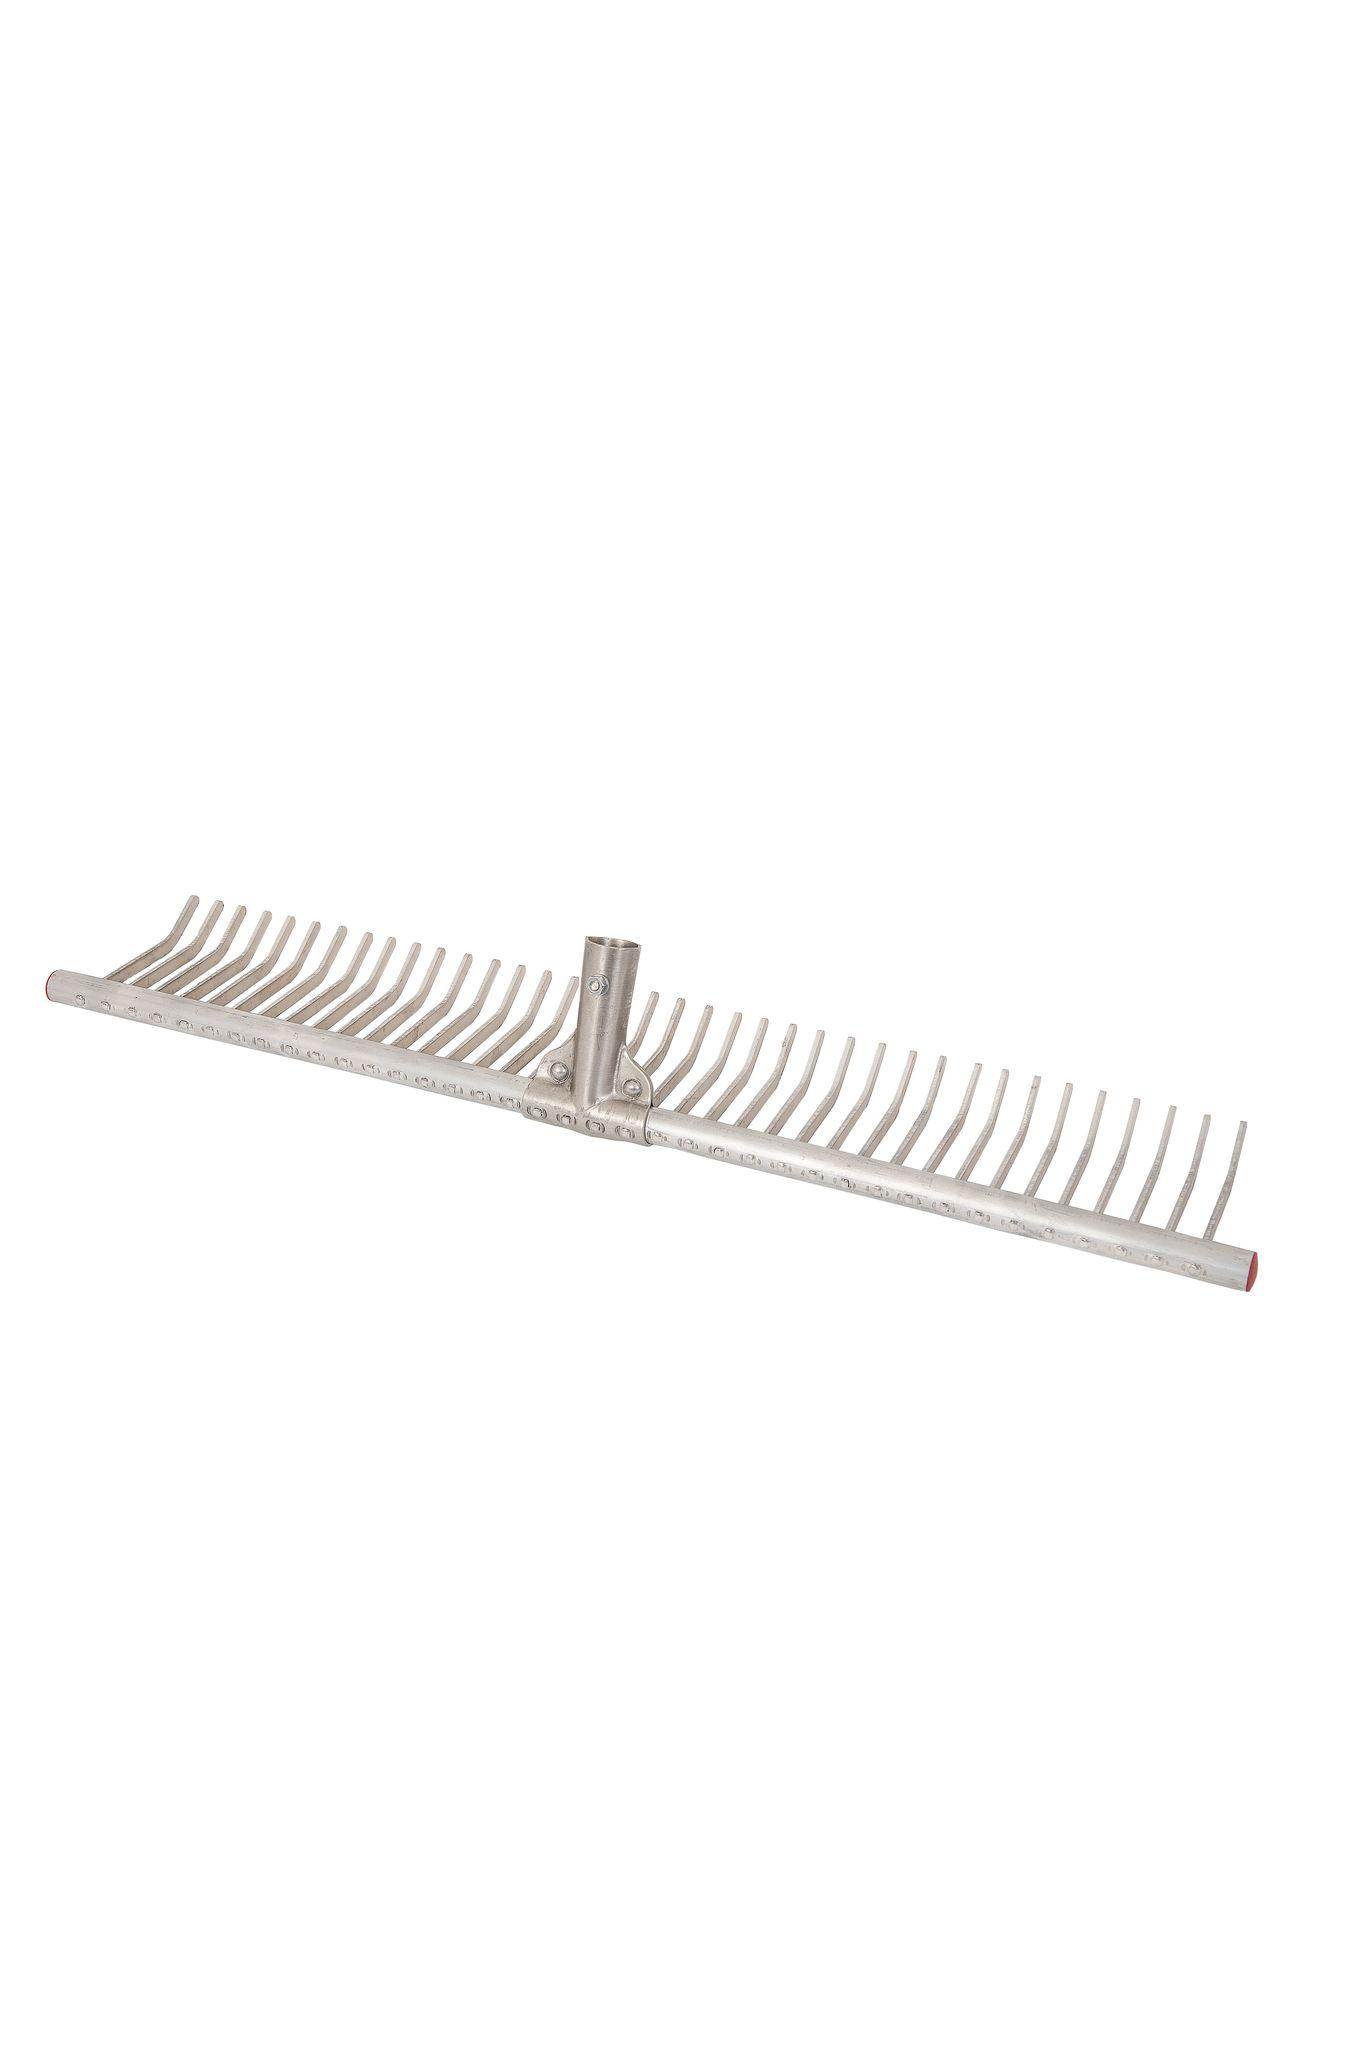 Грабли для газона алюминиевые Offner 71см (без черенка)